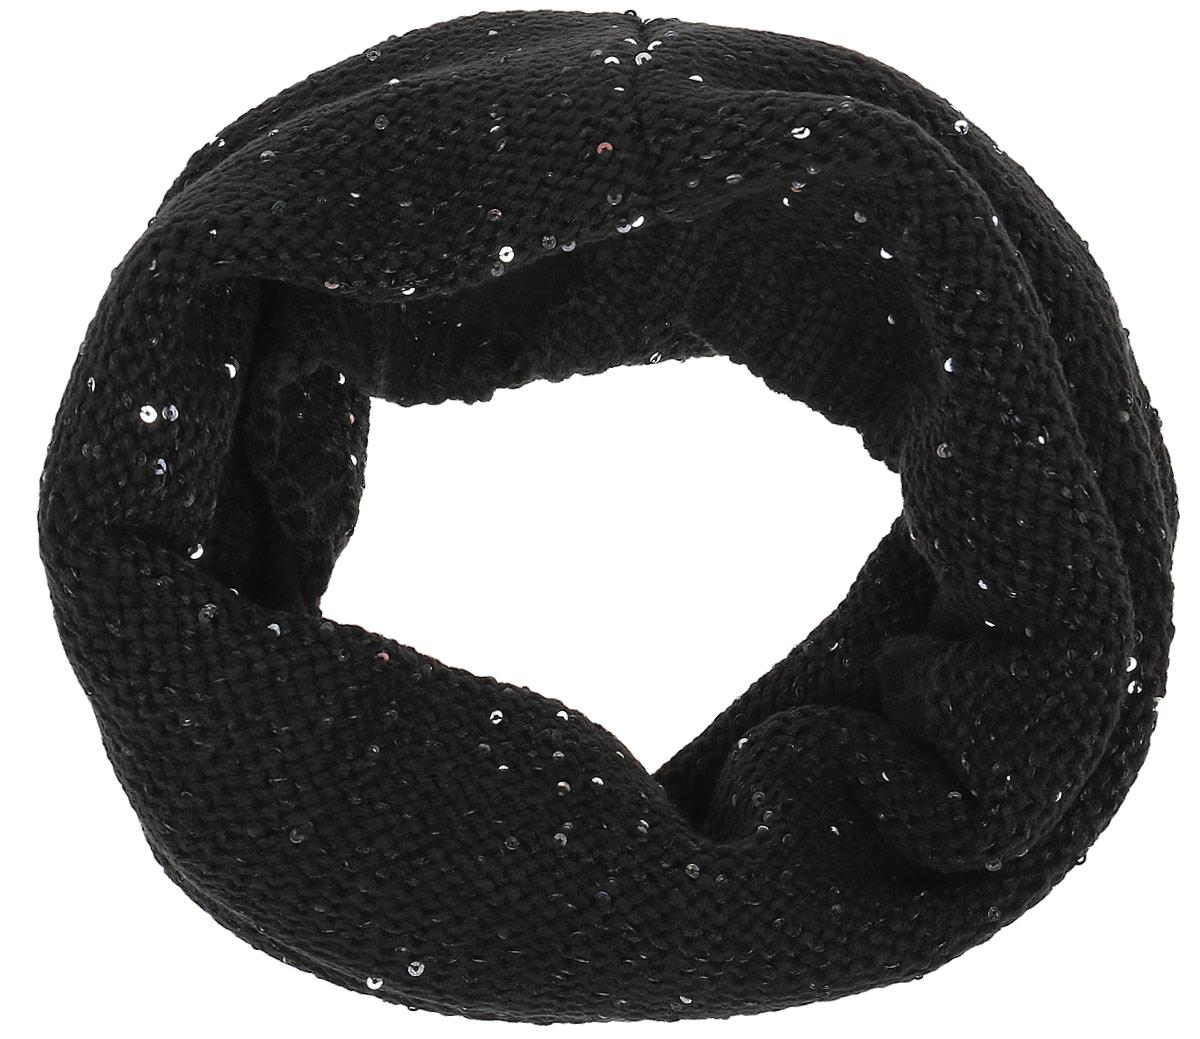 Шапка для девочки Tom Tailor, цвет: черный. 0221679.00.40_2999. Размер 320221679.00.40_2999